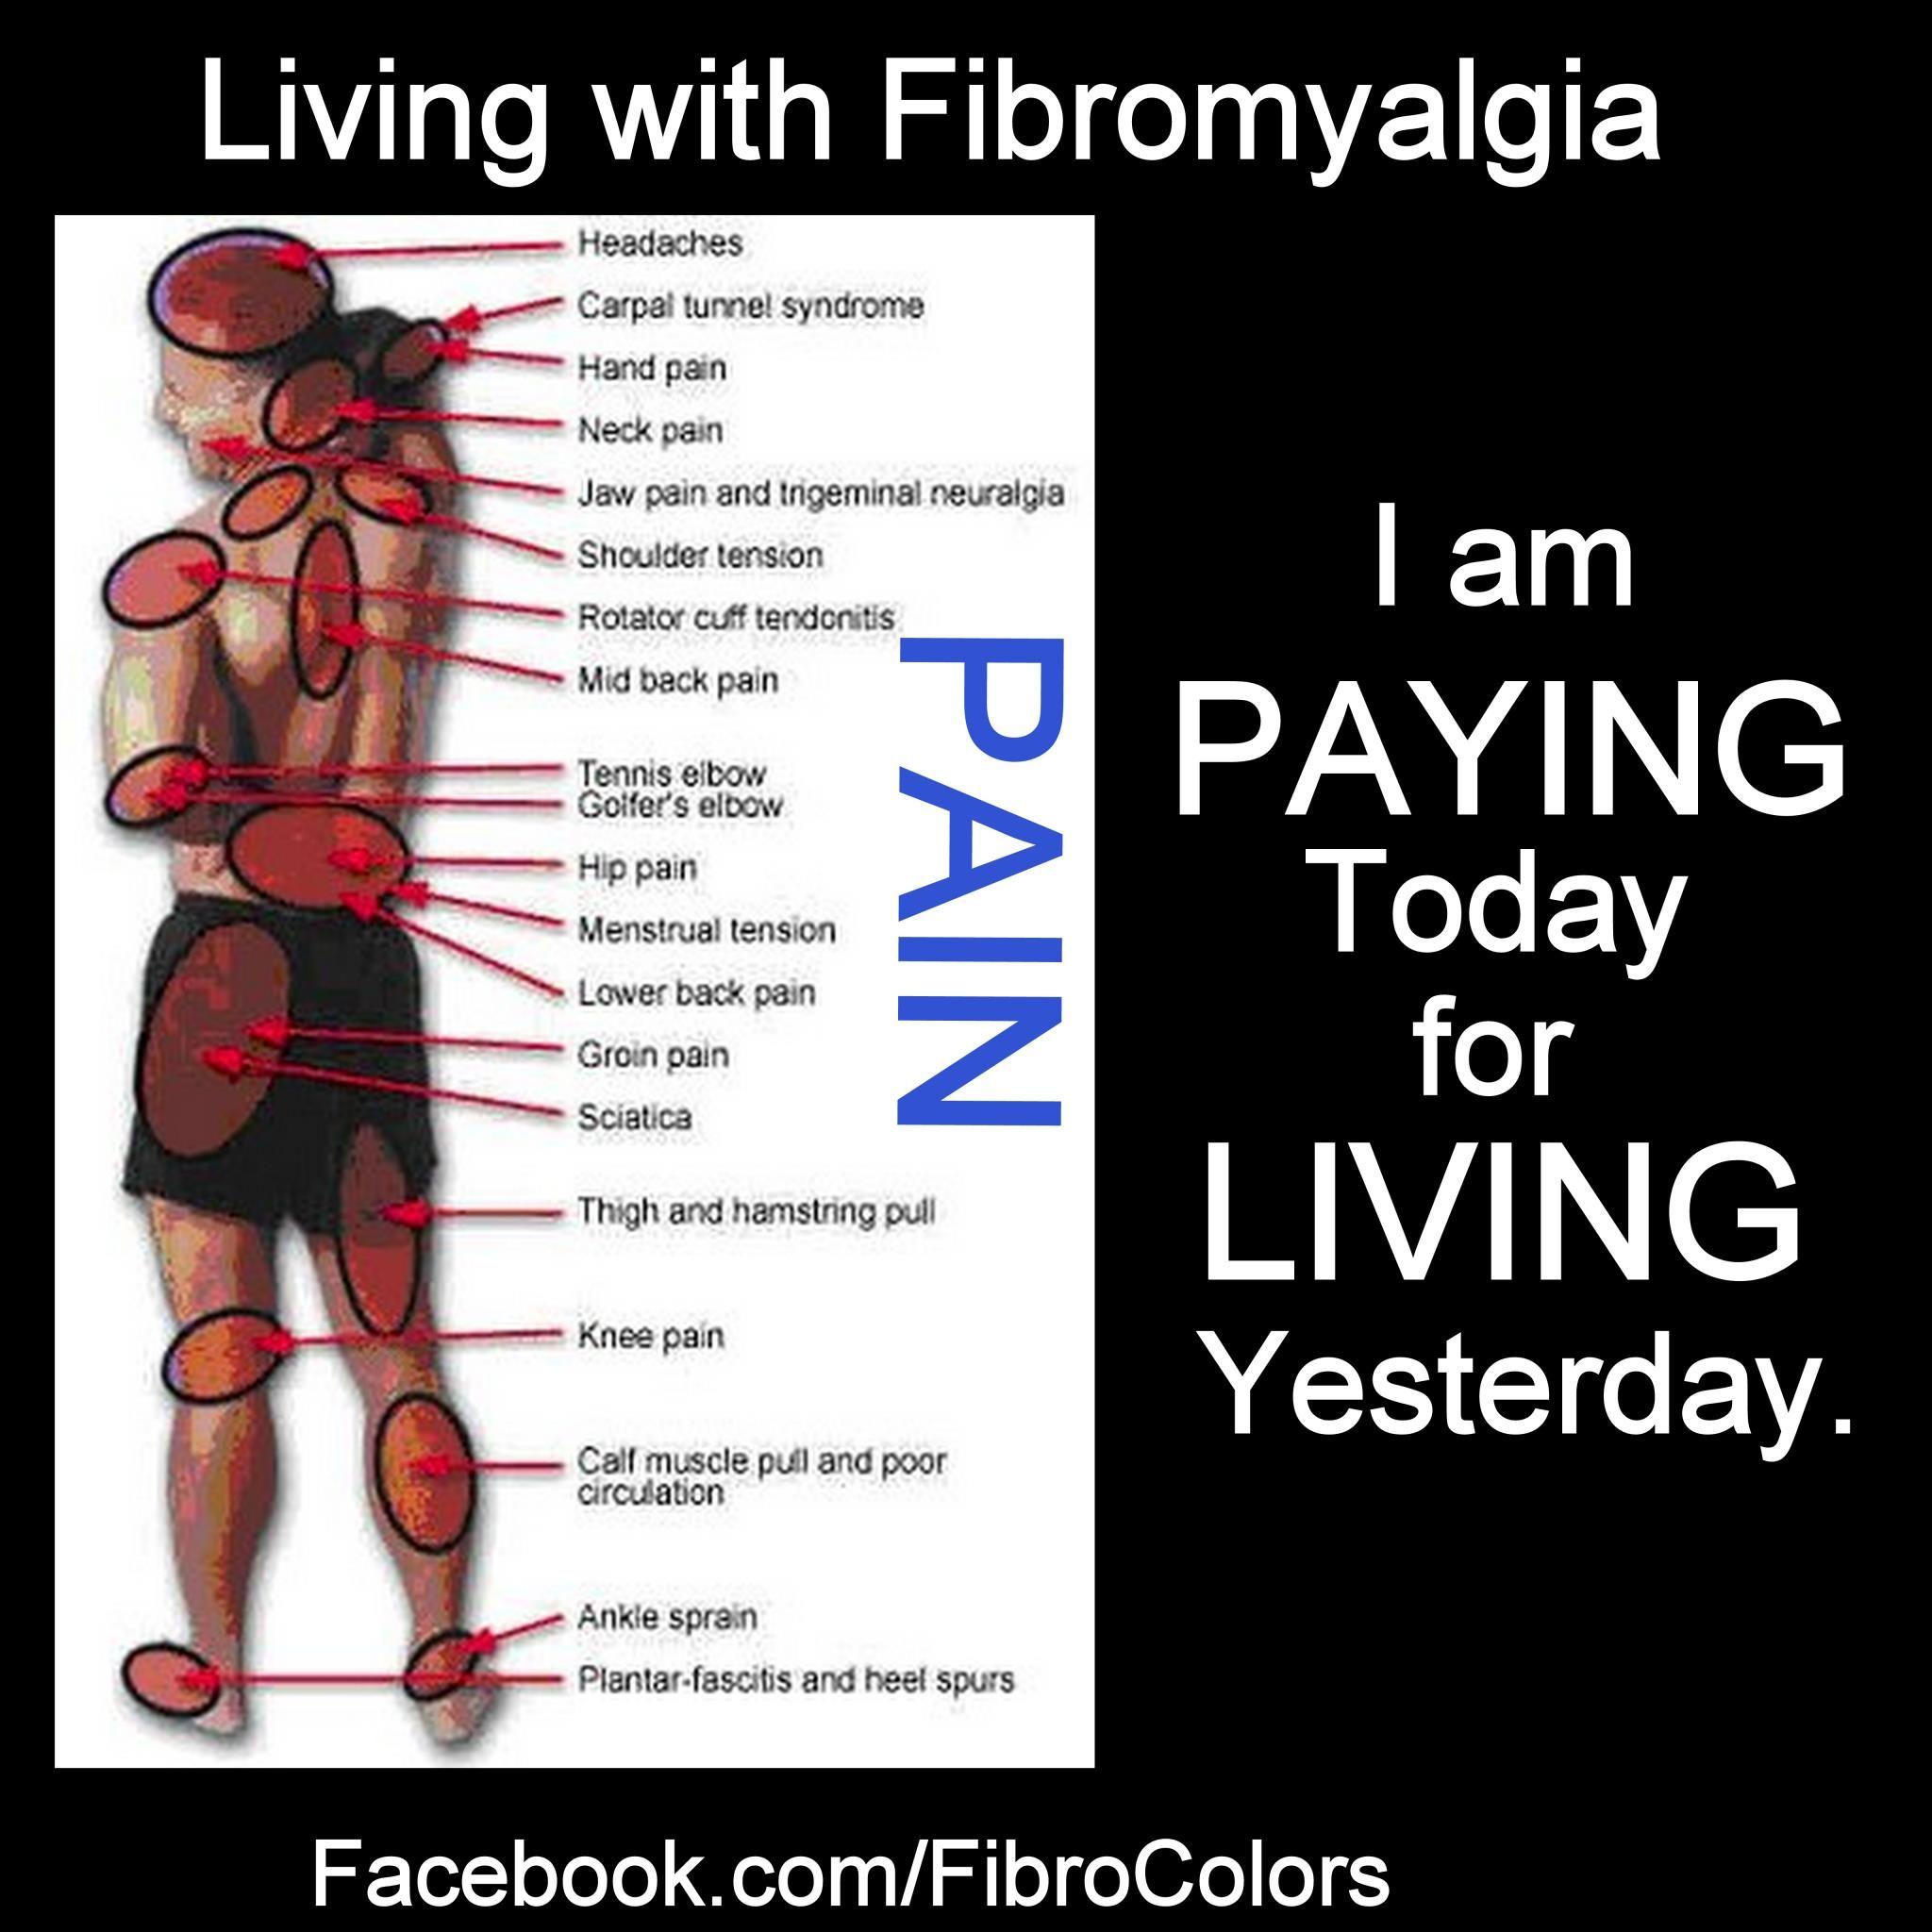 fibromyalgia - photo #32